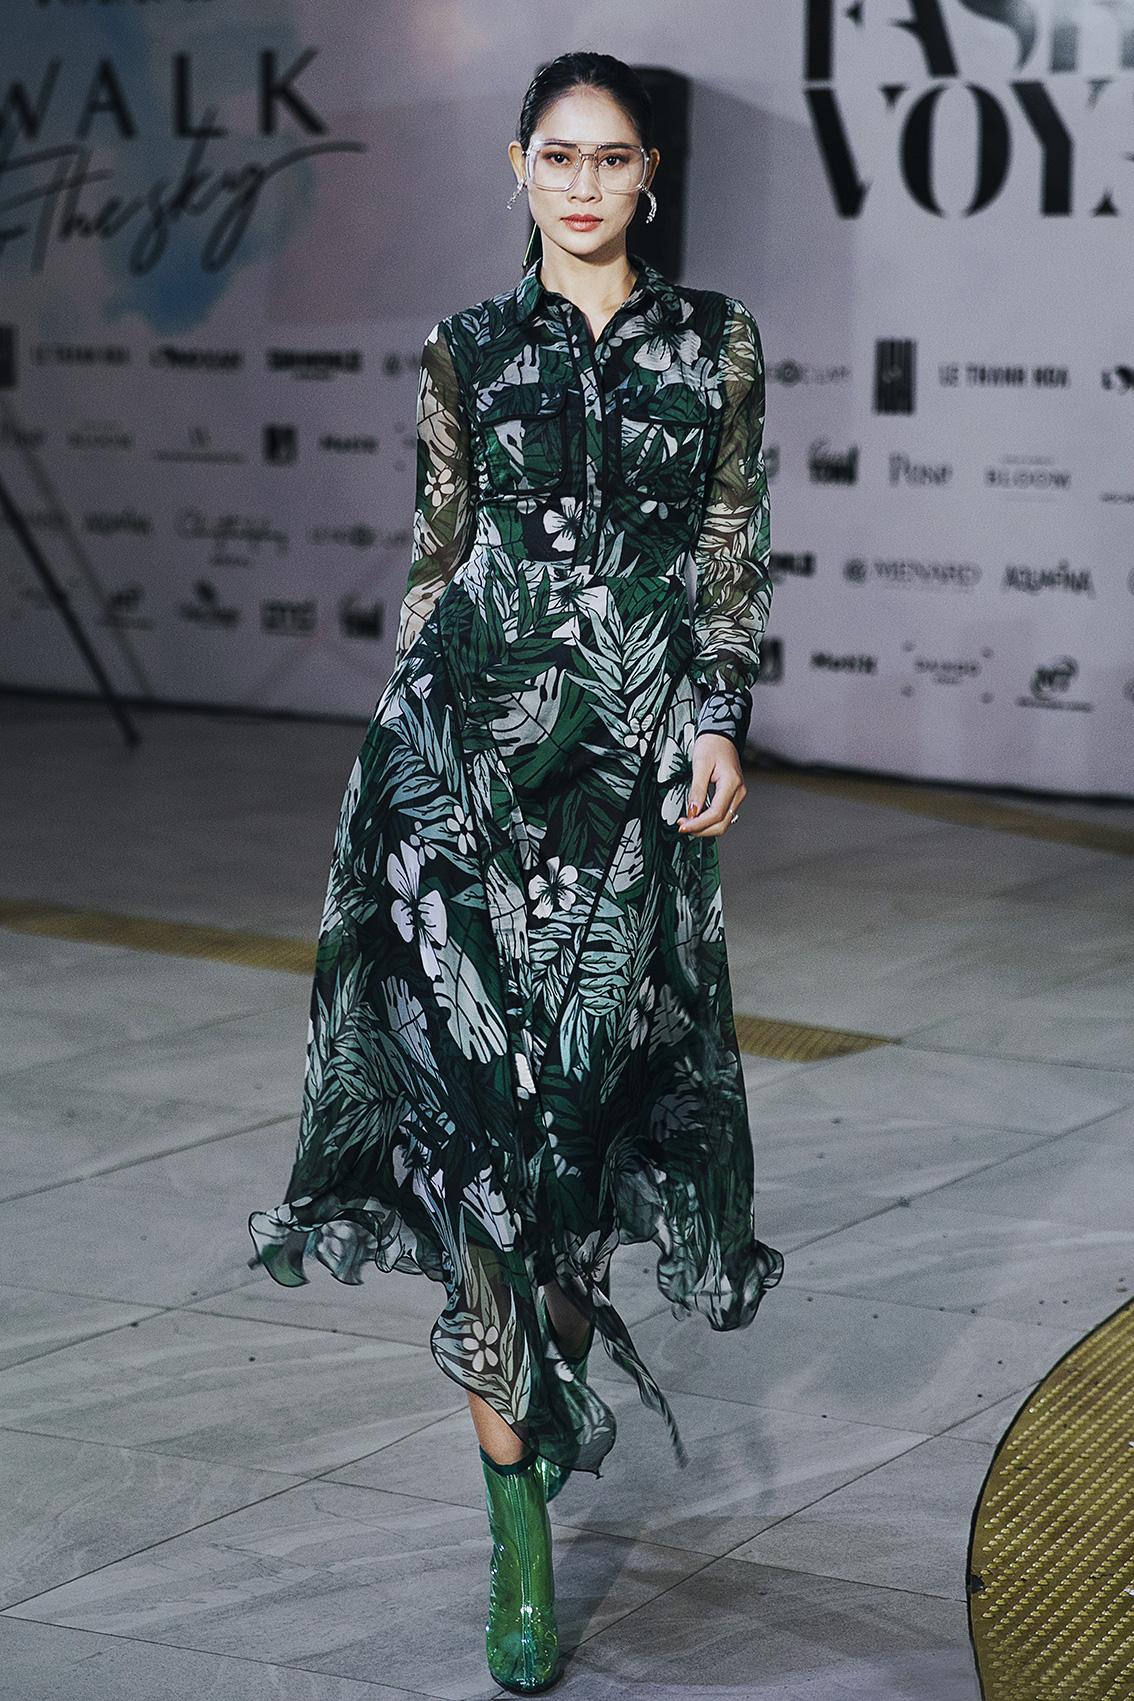 The Fashion Voyage: Hành trình chạm đến trái tim - Ảnh 6.